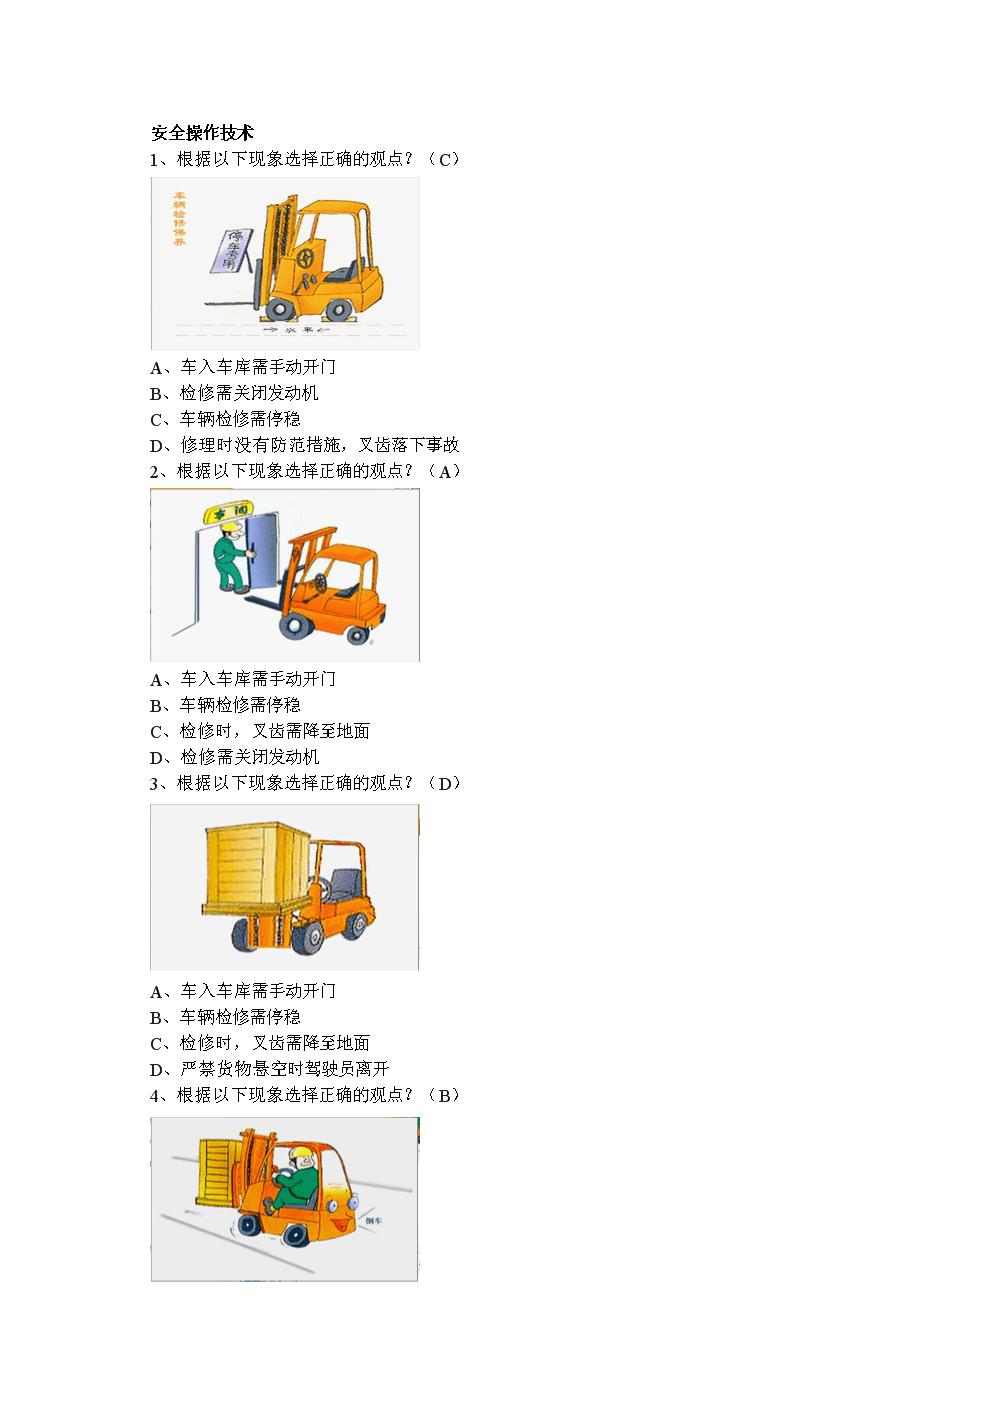 叉车理论图片练习题 安全操作技术.doc